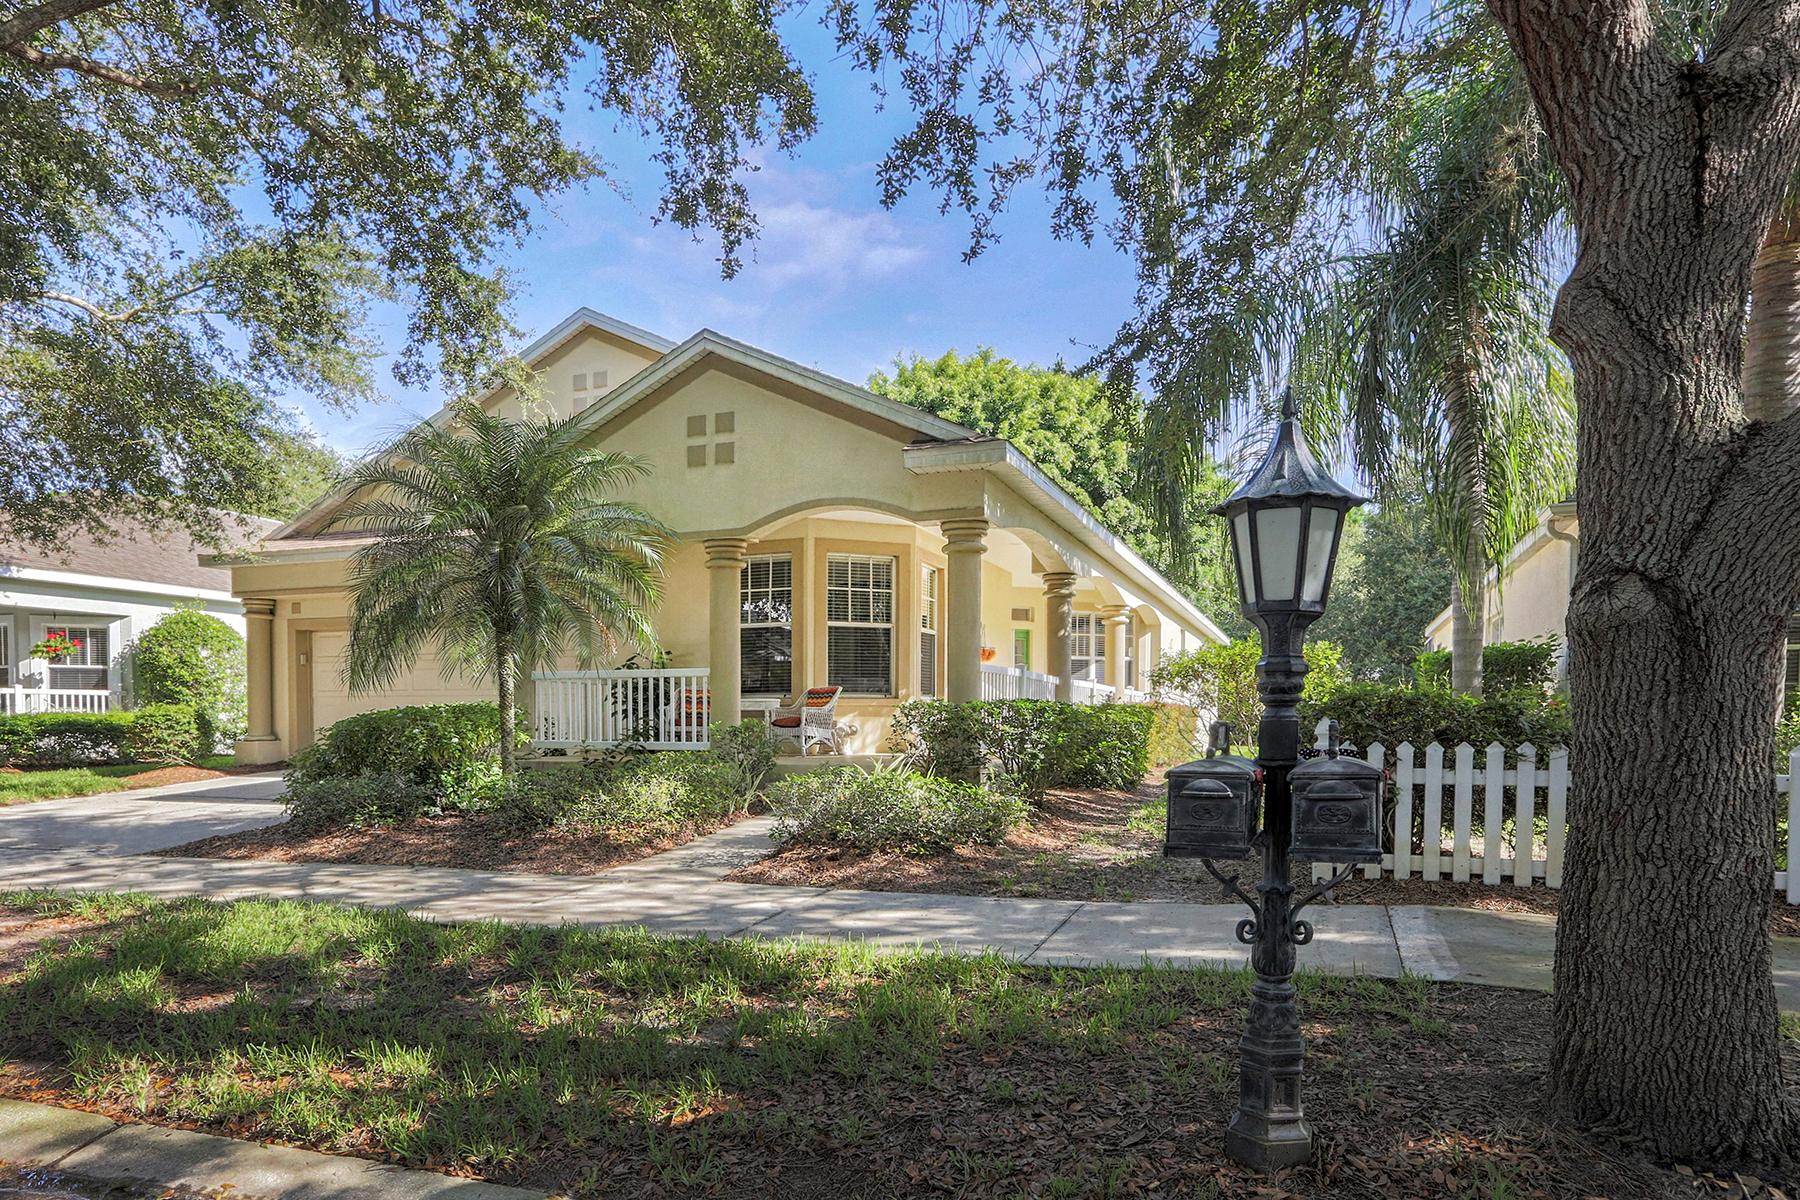 Einfamilienhaus für Verkauf beim 498 Meadow Sweet Cir , Osprey, FL 34229 498 Meadow Sweet Cir Osprey, Florida 34229 Vereinigte Staaten